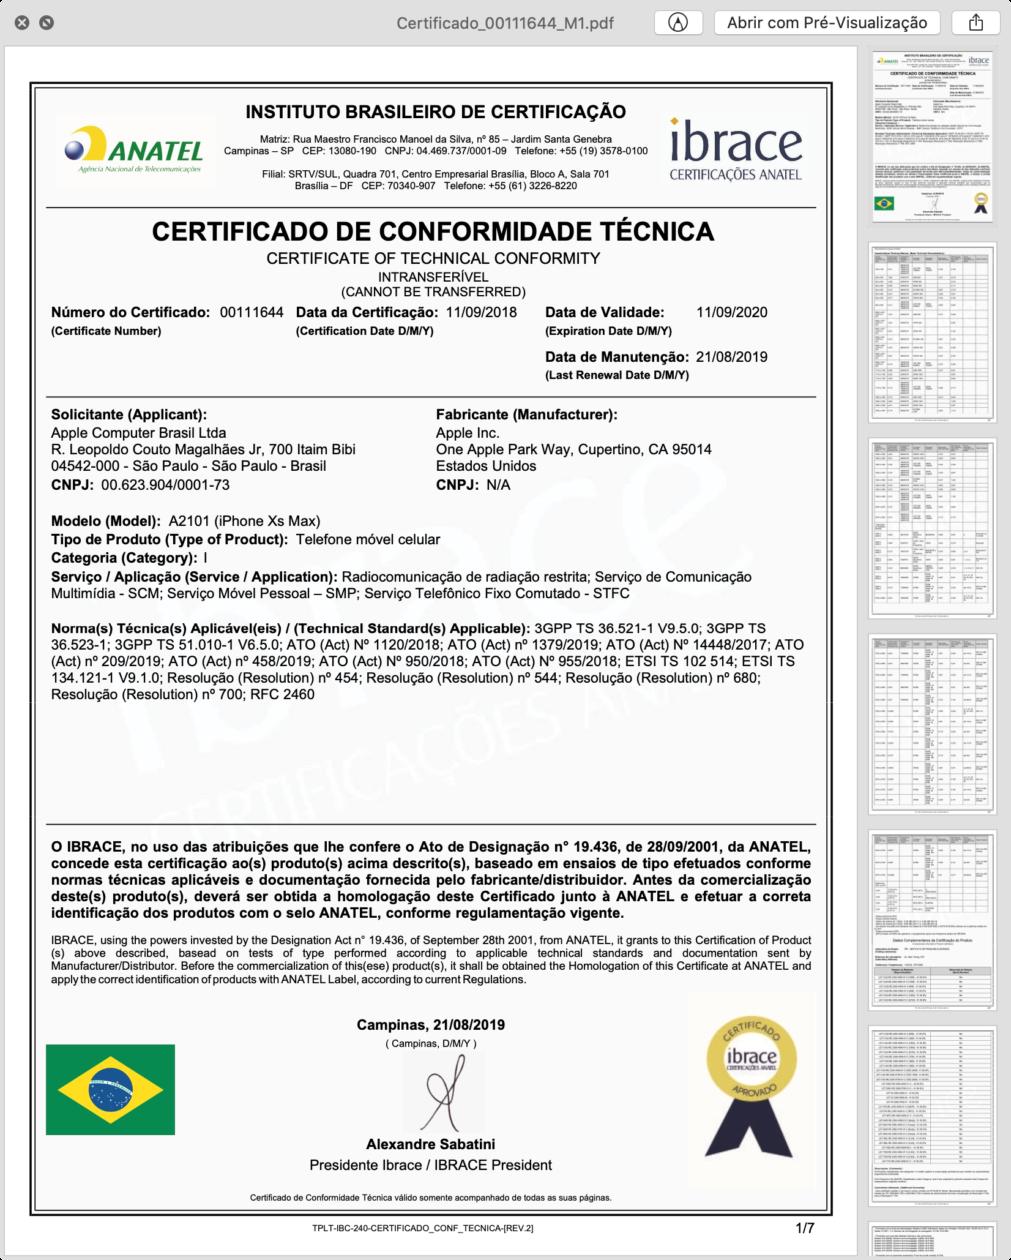 Certificado de Conformidade Técnica do iPhone XS Max